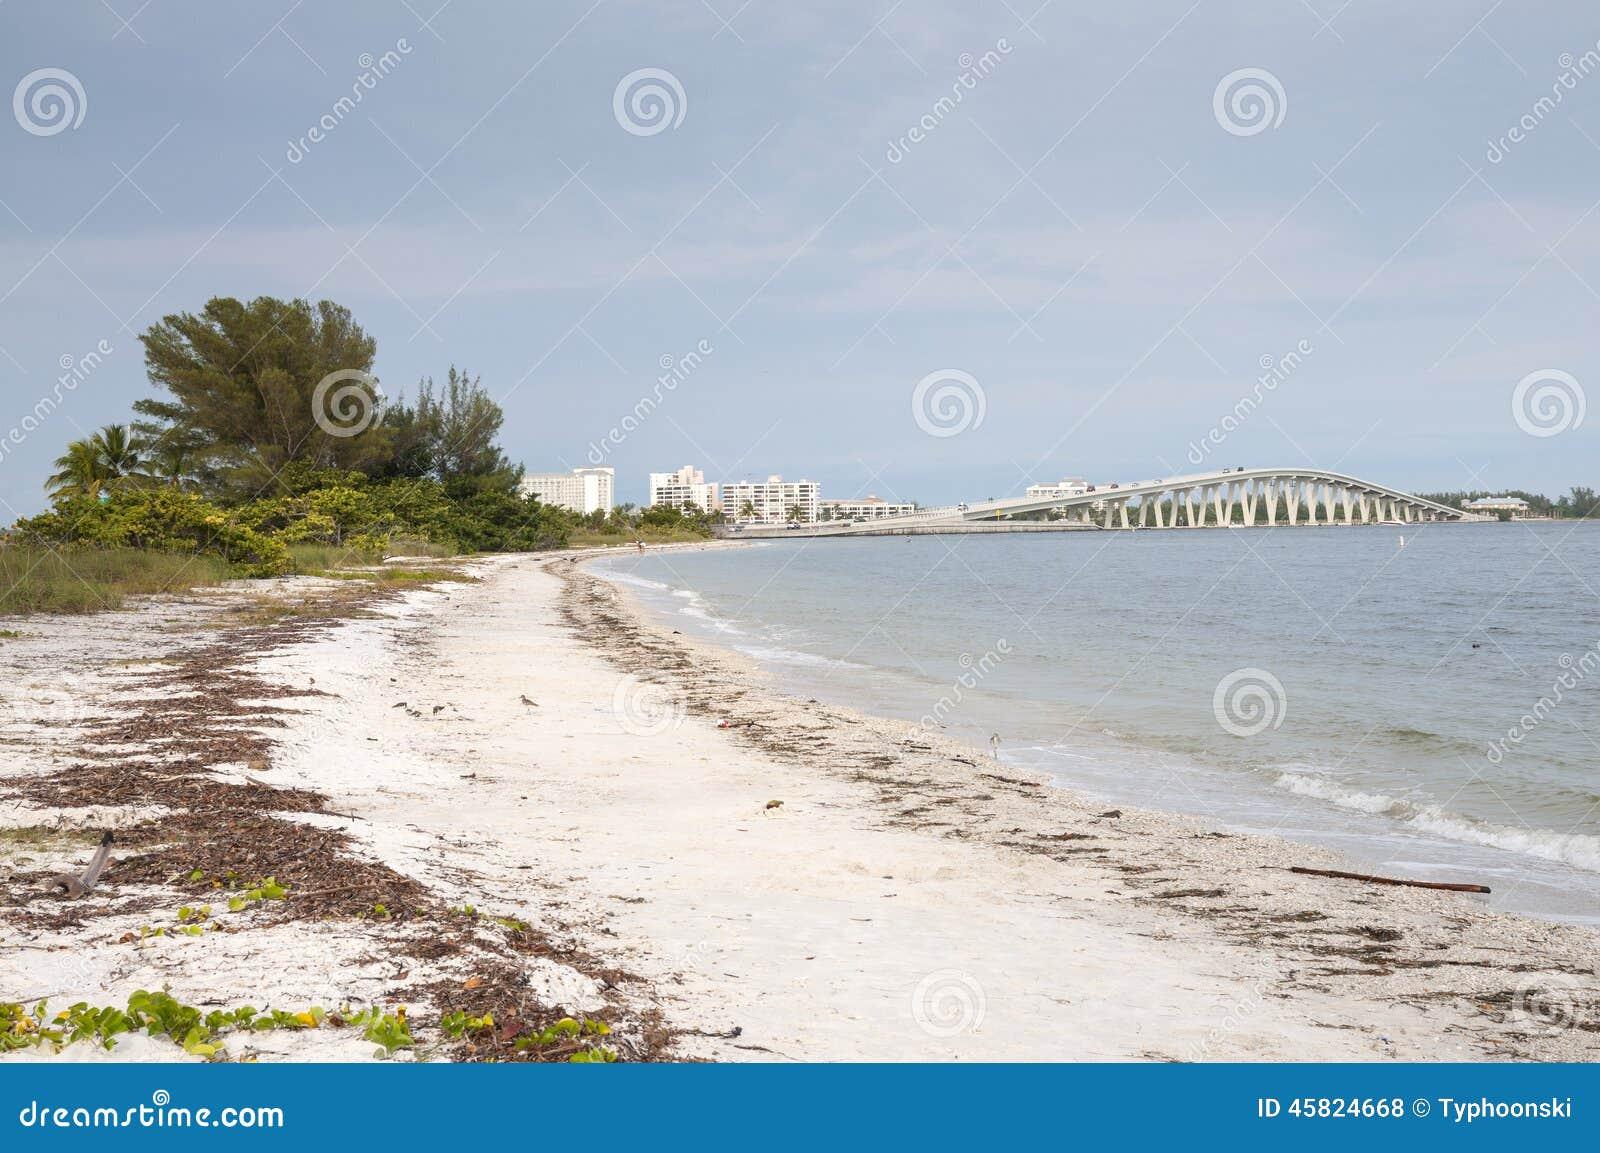 Pics Of Sanibel Island Florida